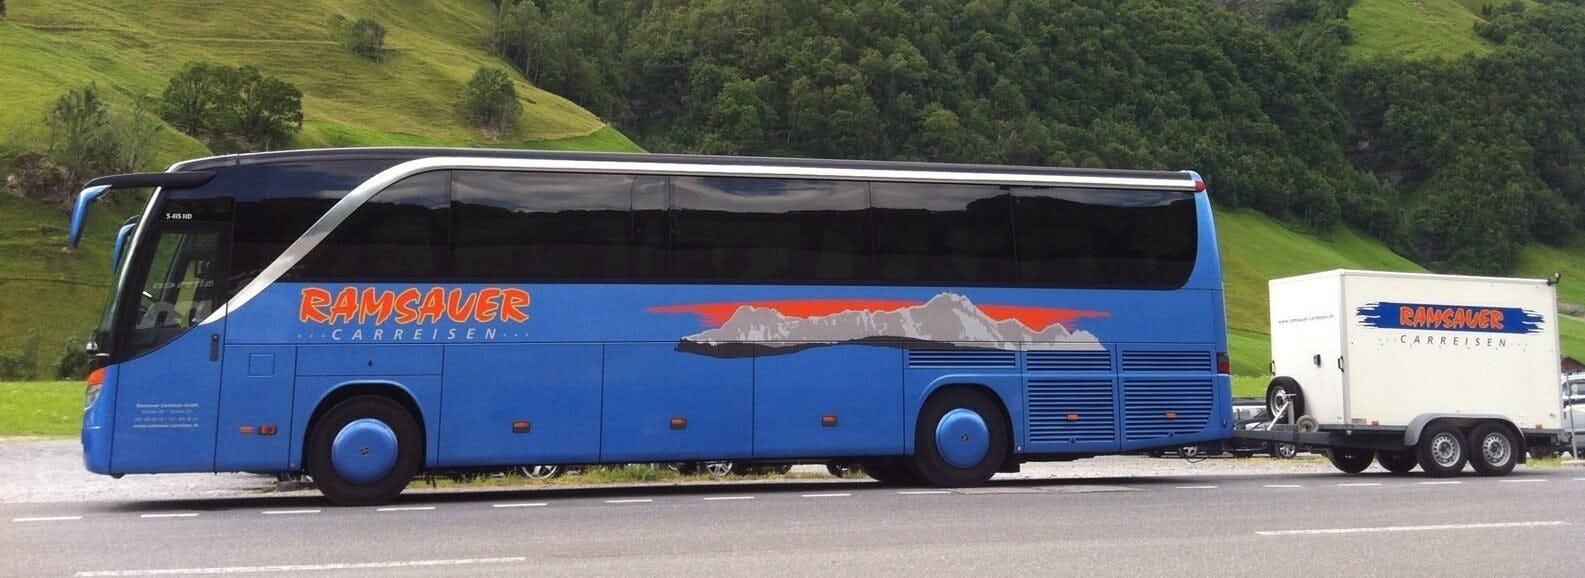 48 Platz Car 415 mit Anhaenger